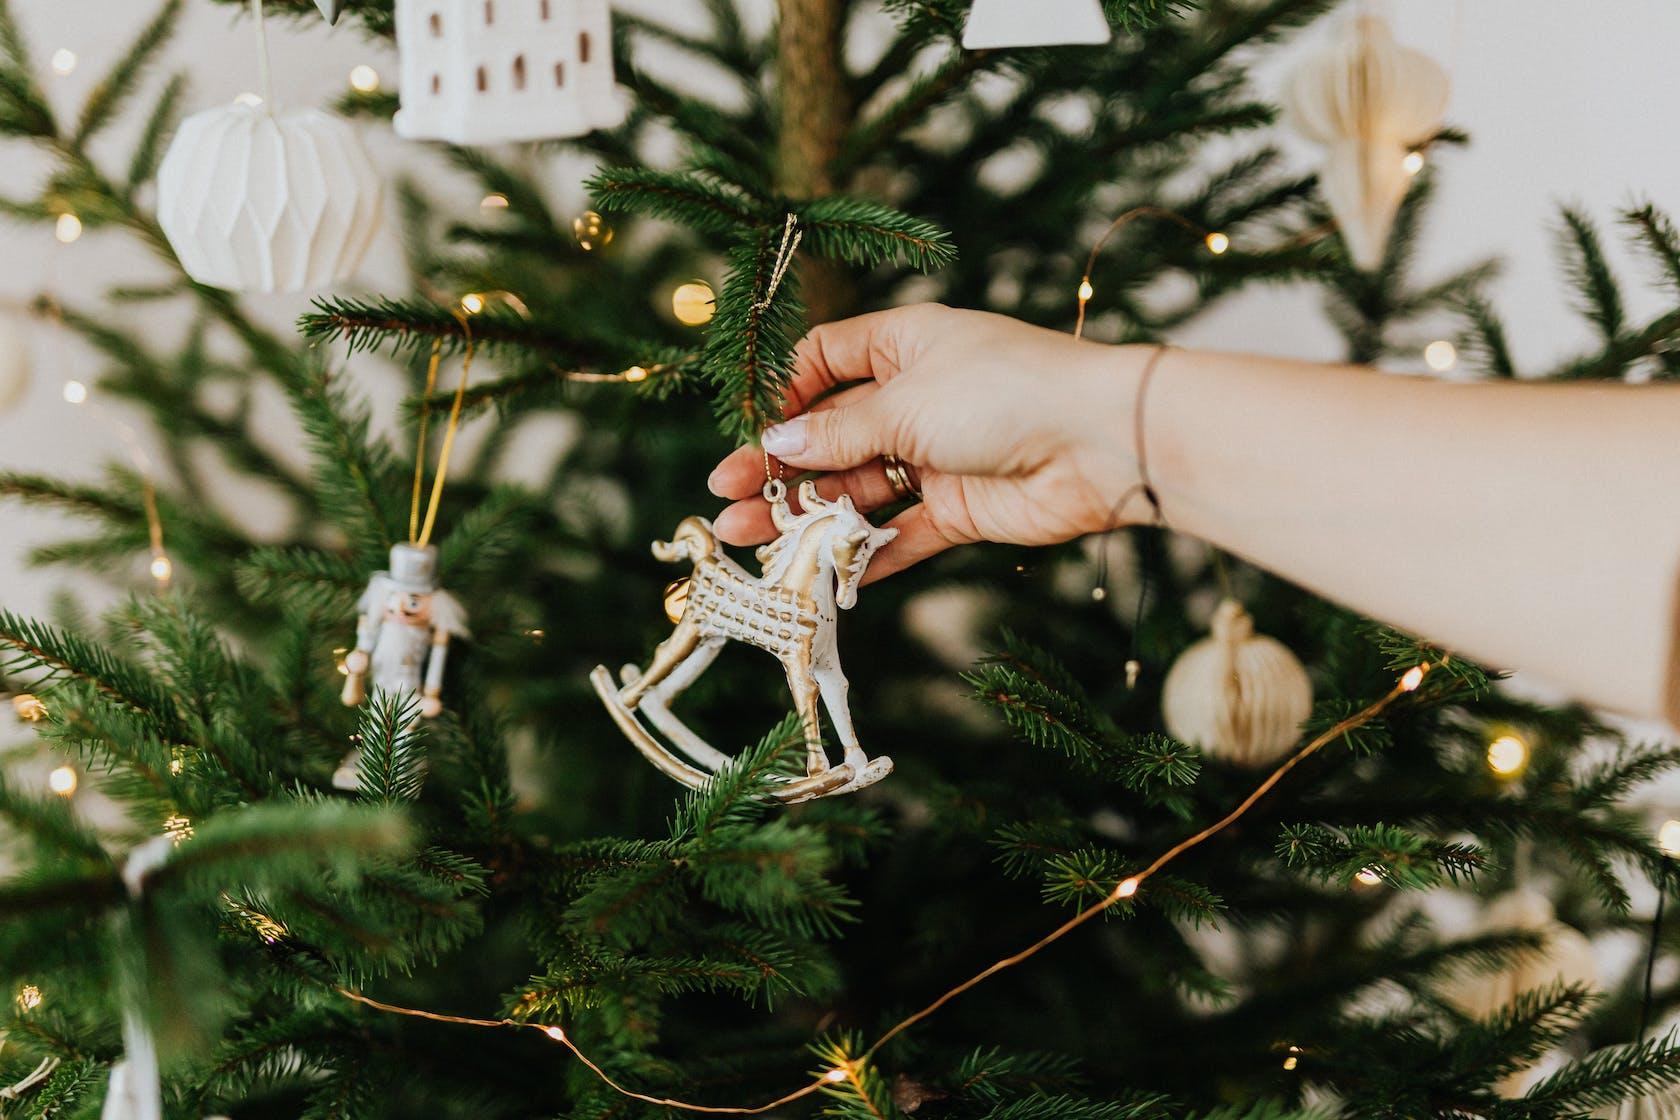 Frau hängt Weihnachtsschmuck an einen Tannenbaum